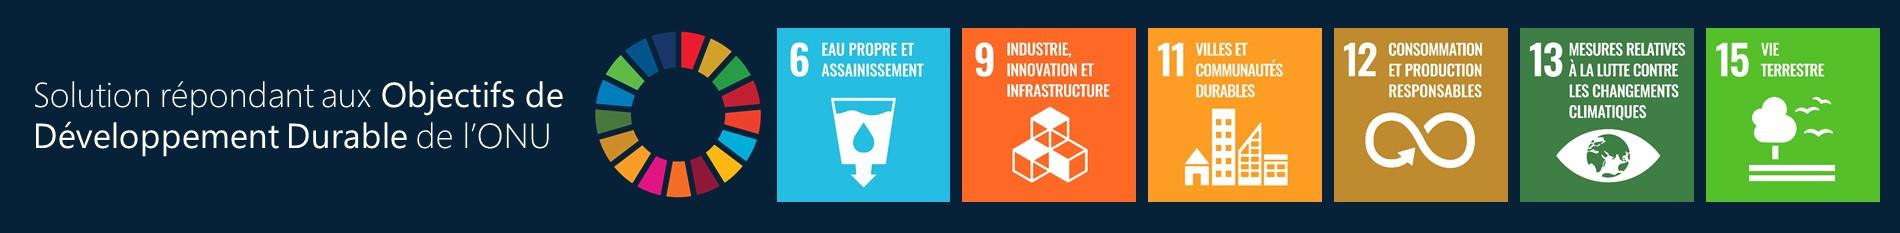 Objectifs Developpement Durable ONU Etude et Planif